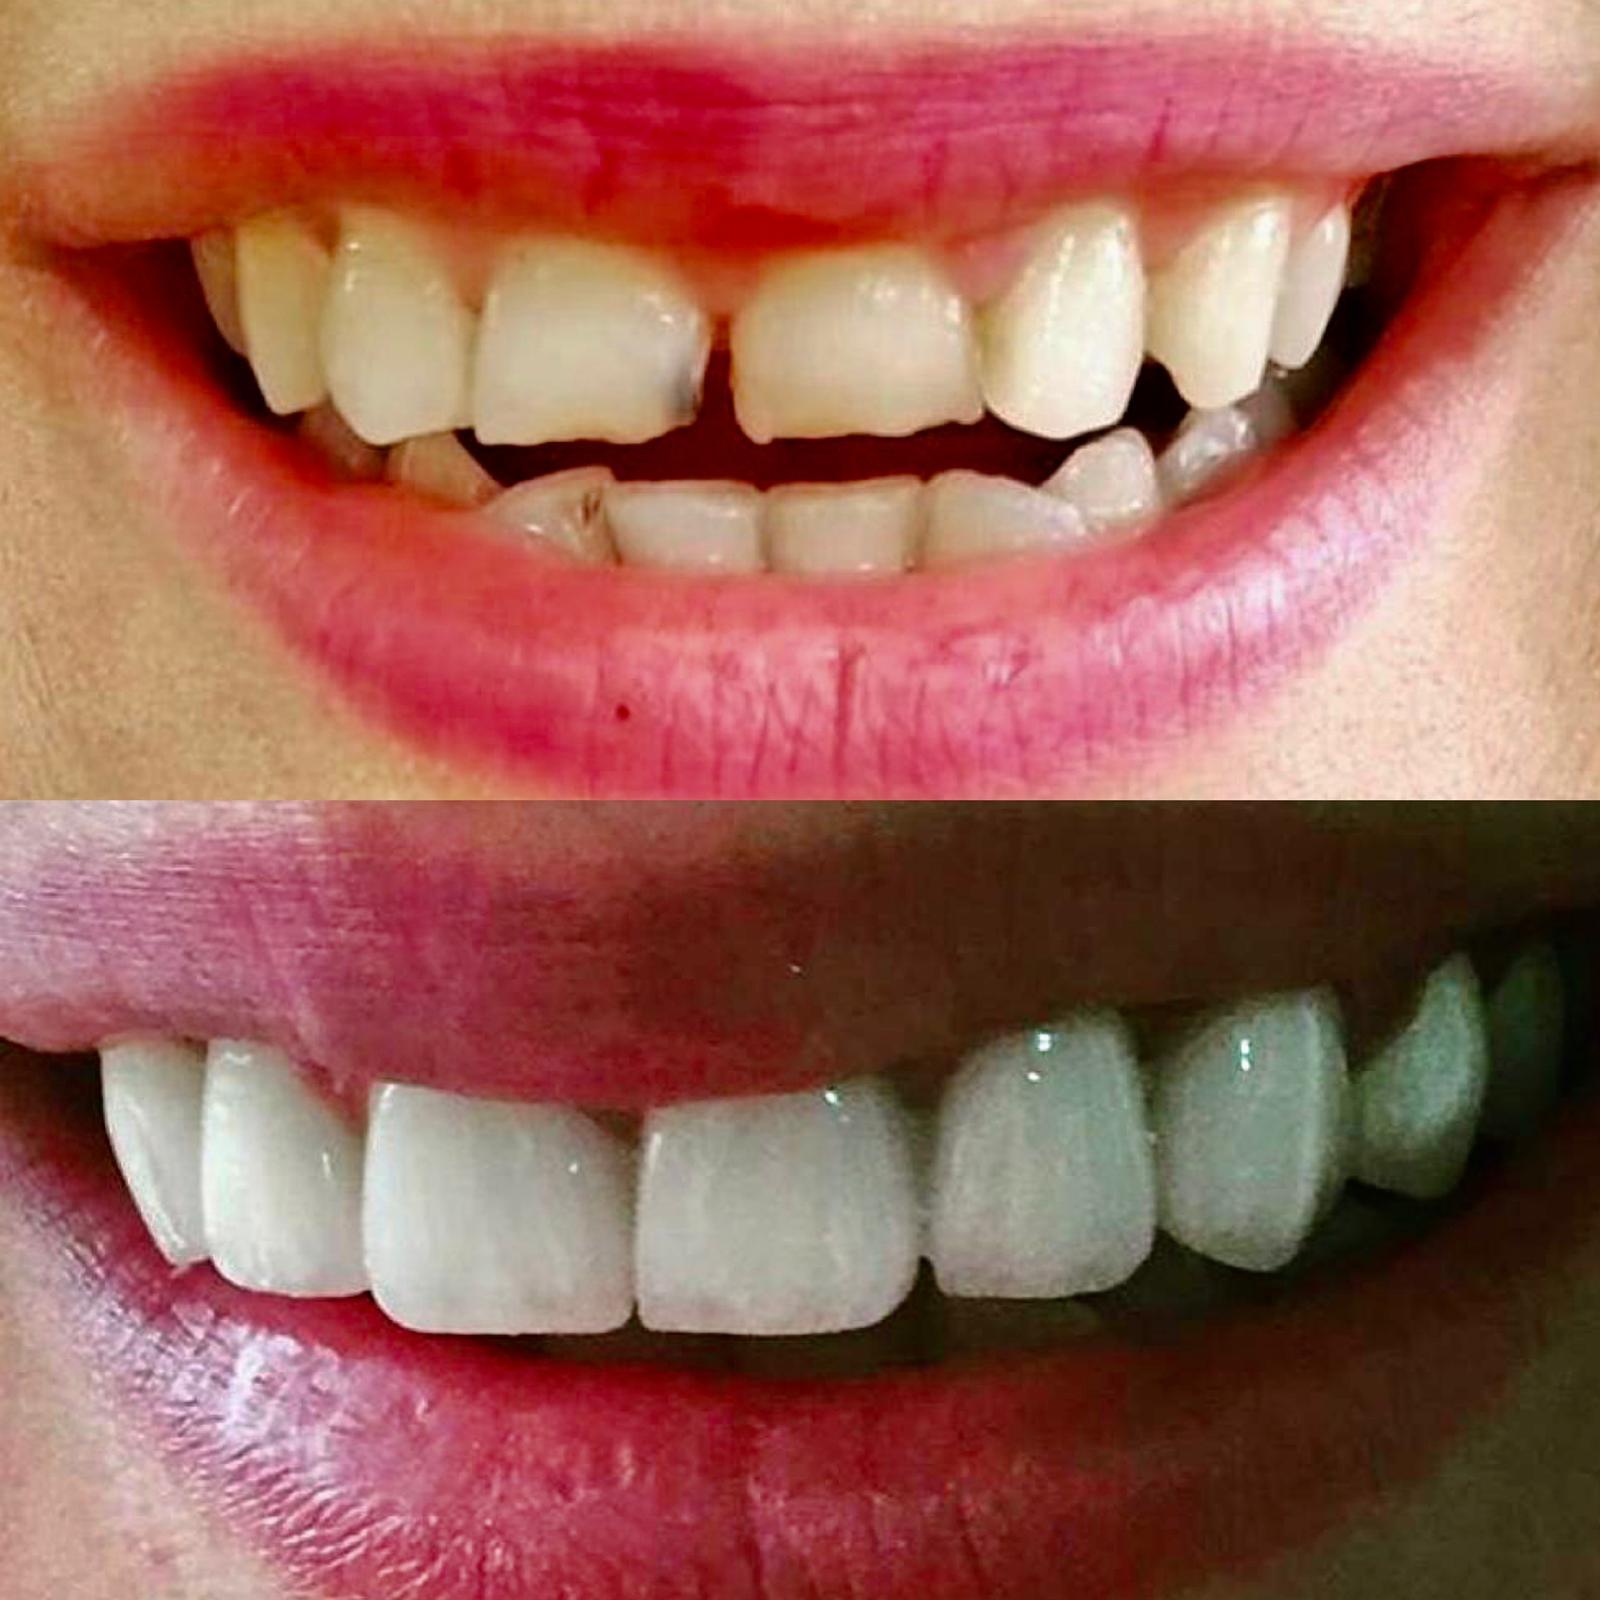 başakşehir tedavisi porselen diş